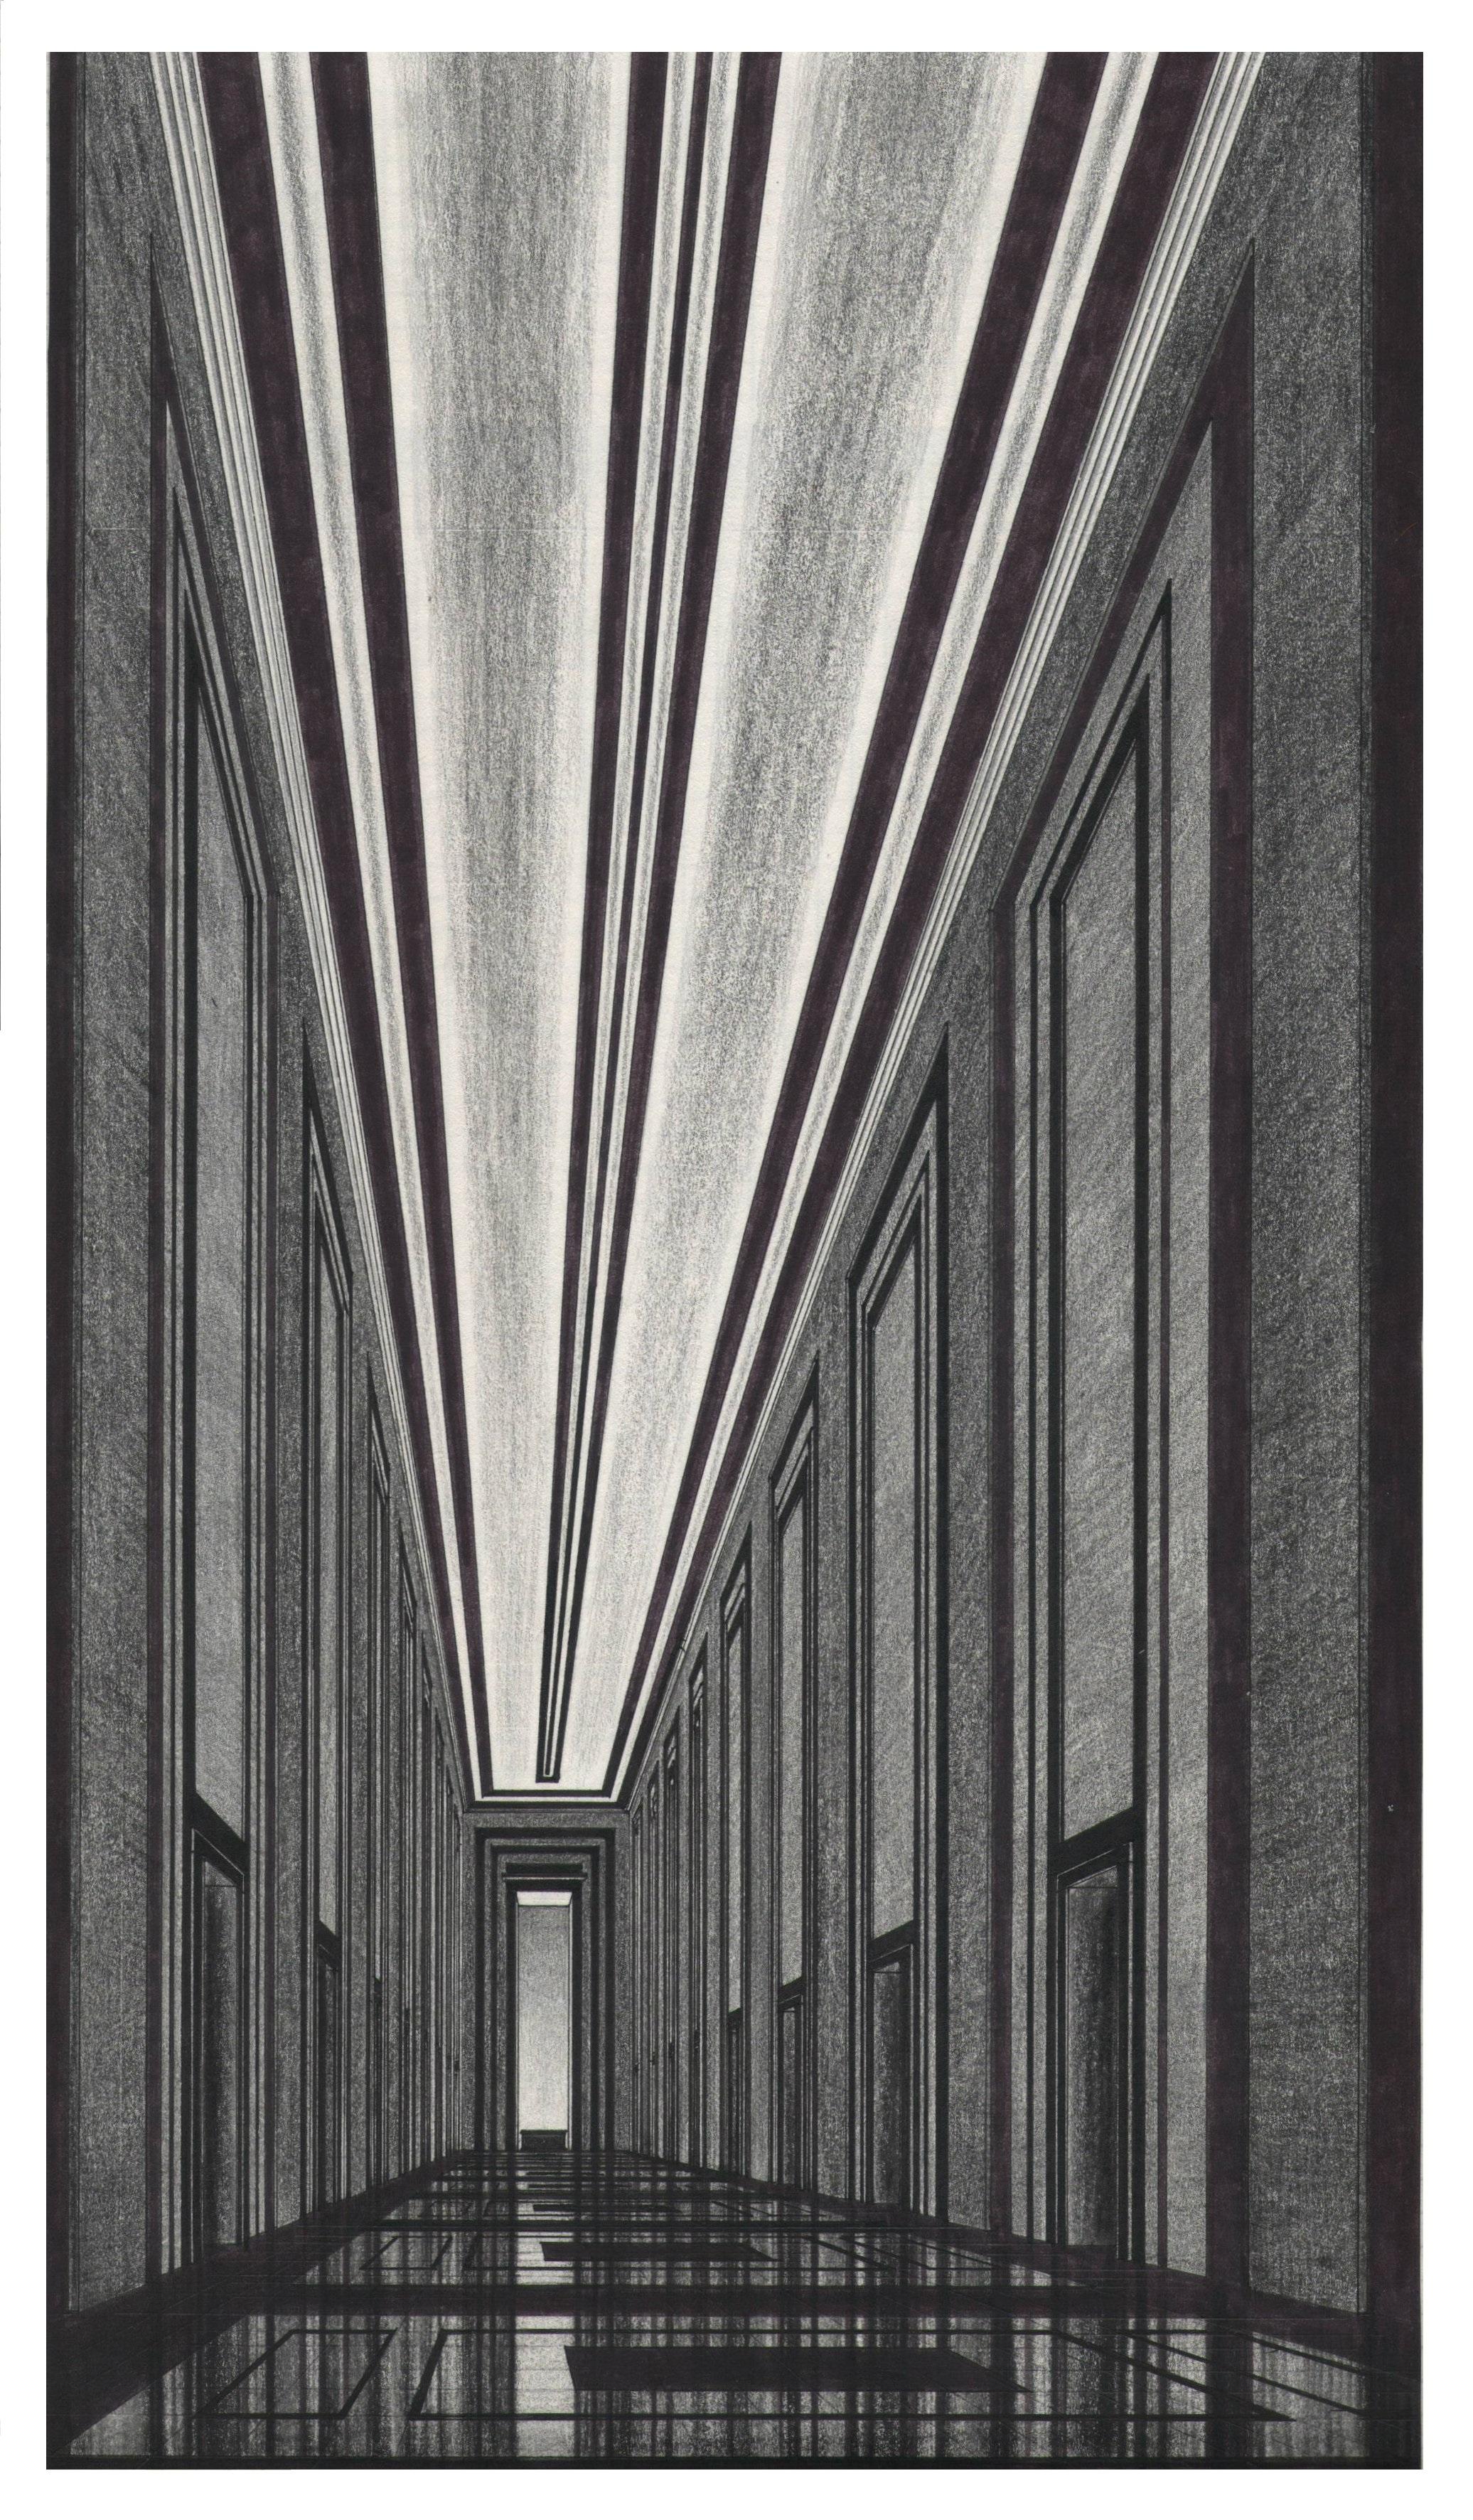 Architettura italiana del novecento wikiwand for Architettura italiana